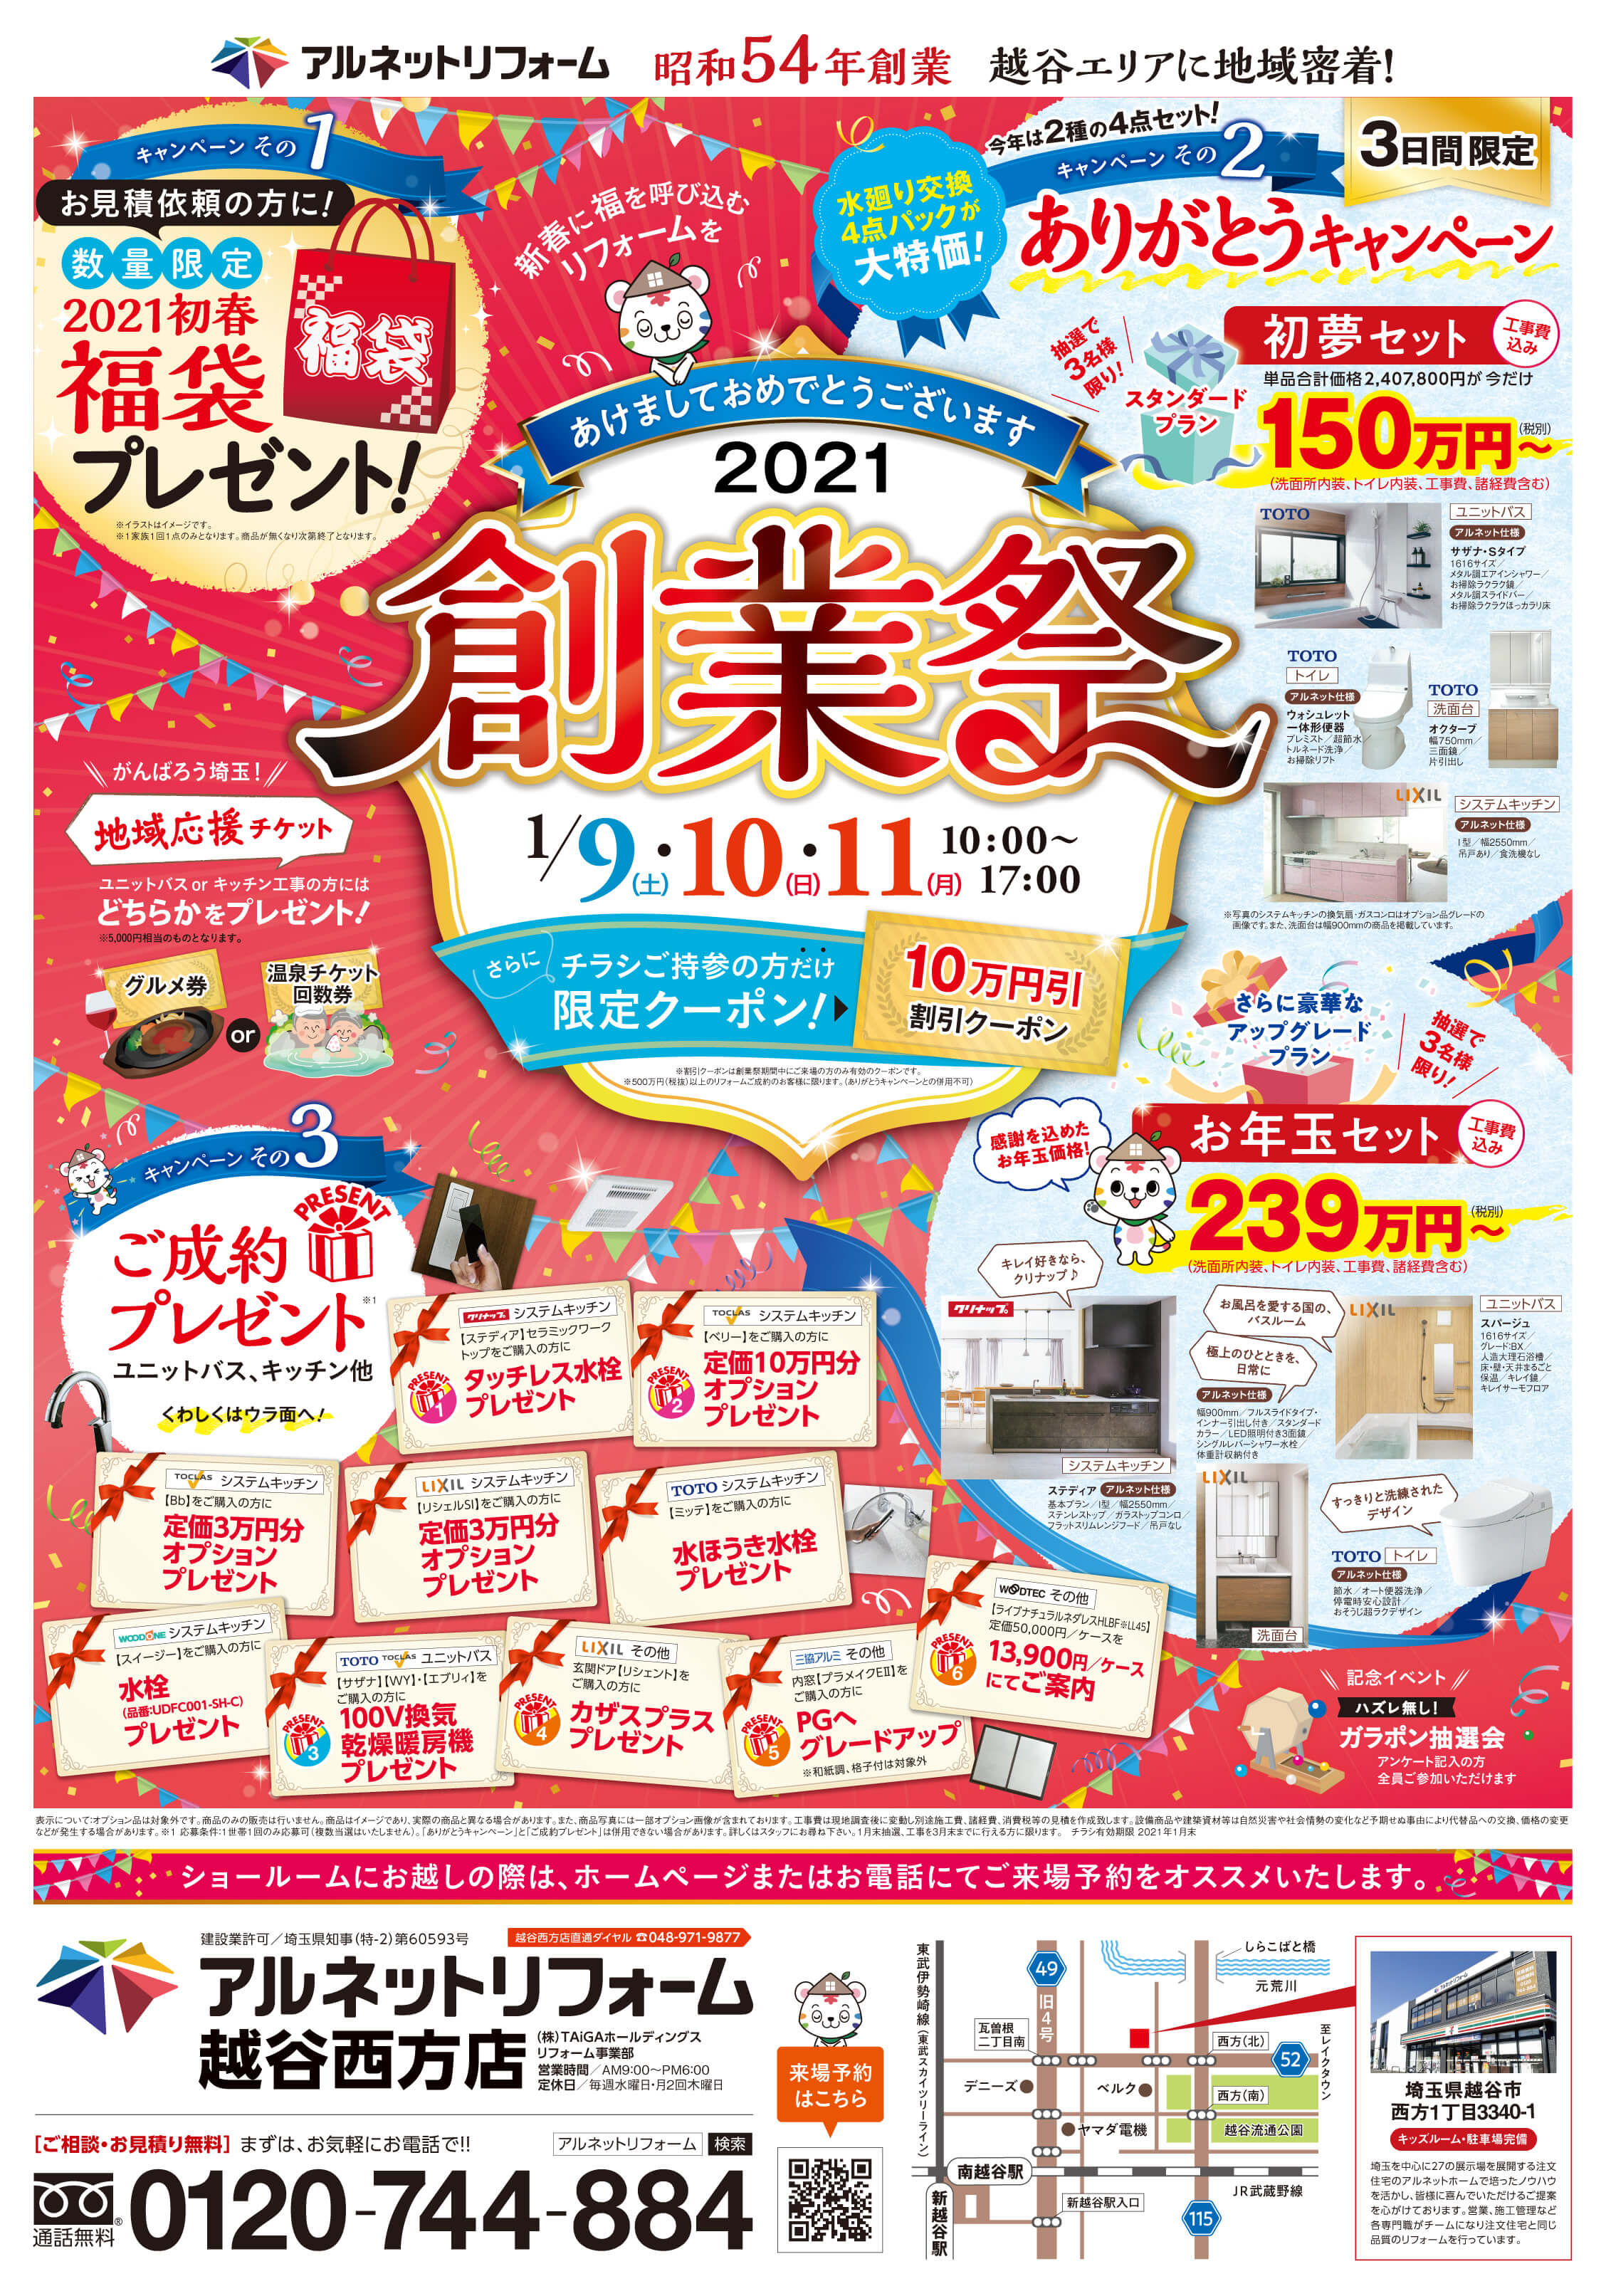 2021☆初春 創業祭開催!!